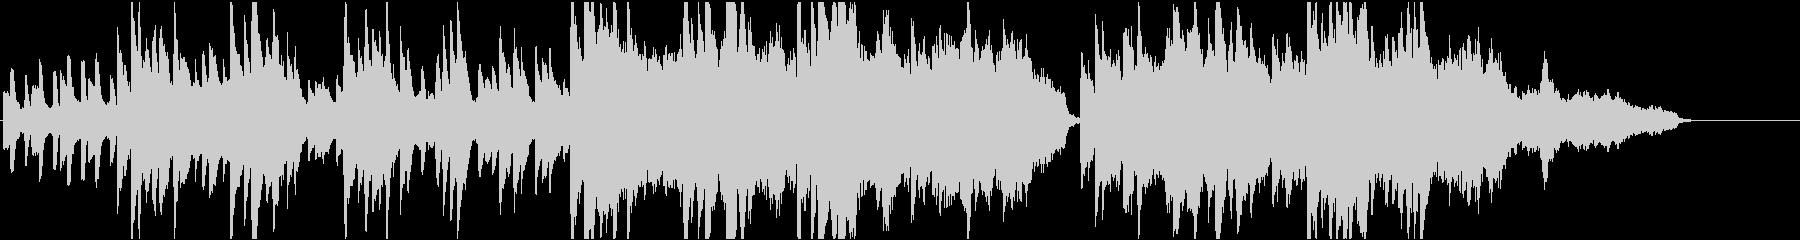 企業VP32 16bit48kHzVerの未再生の波形